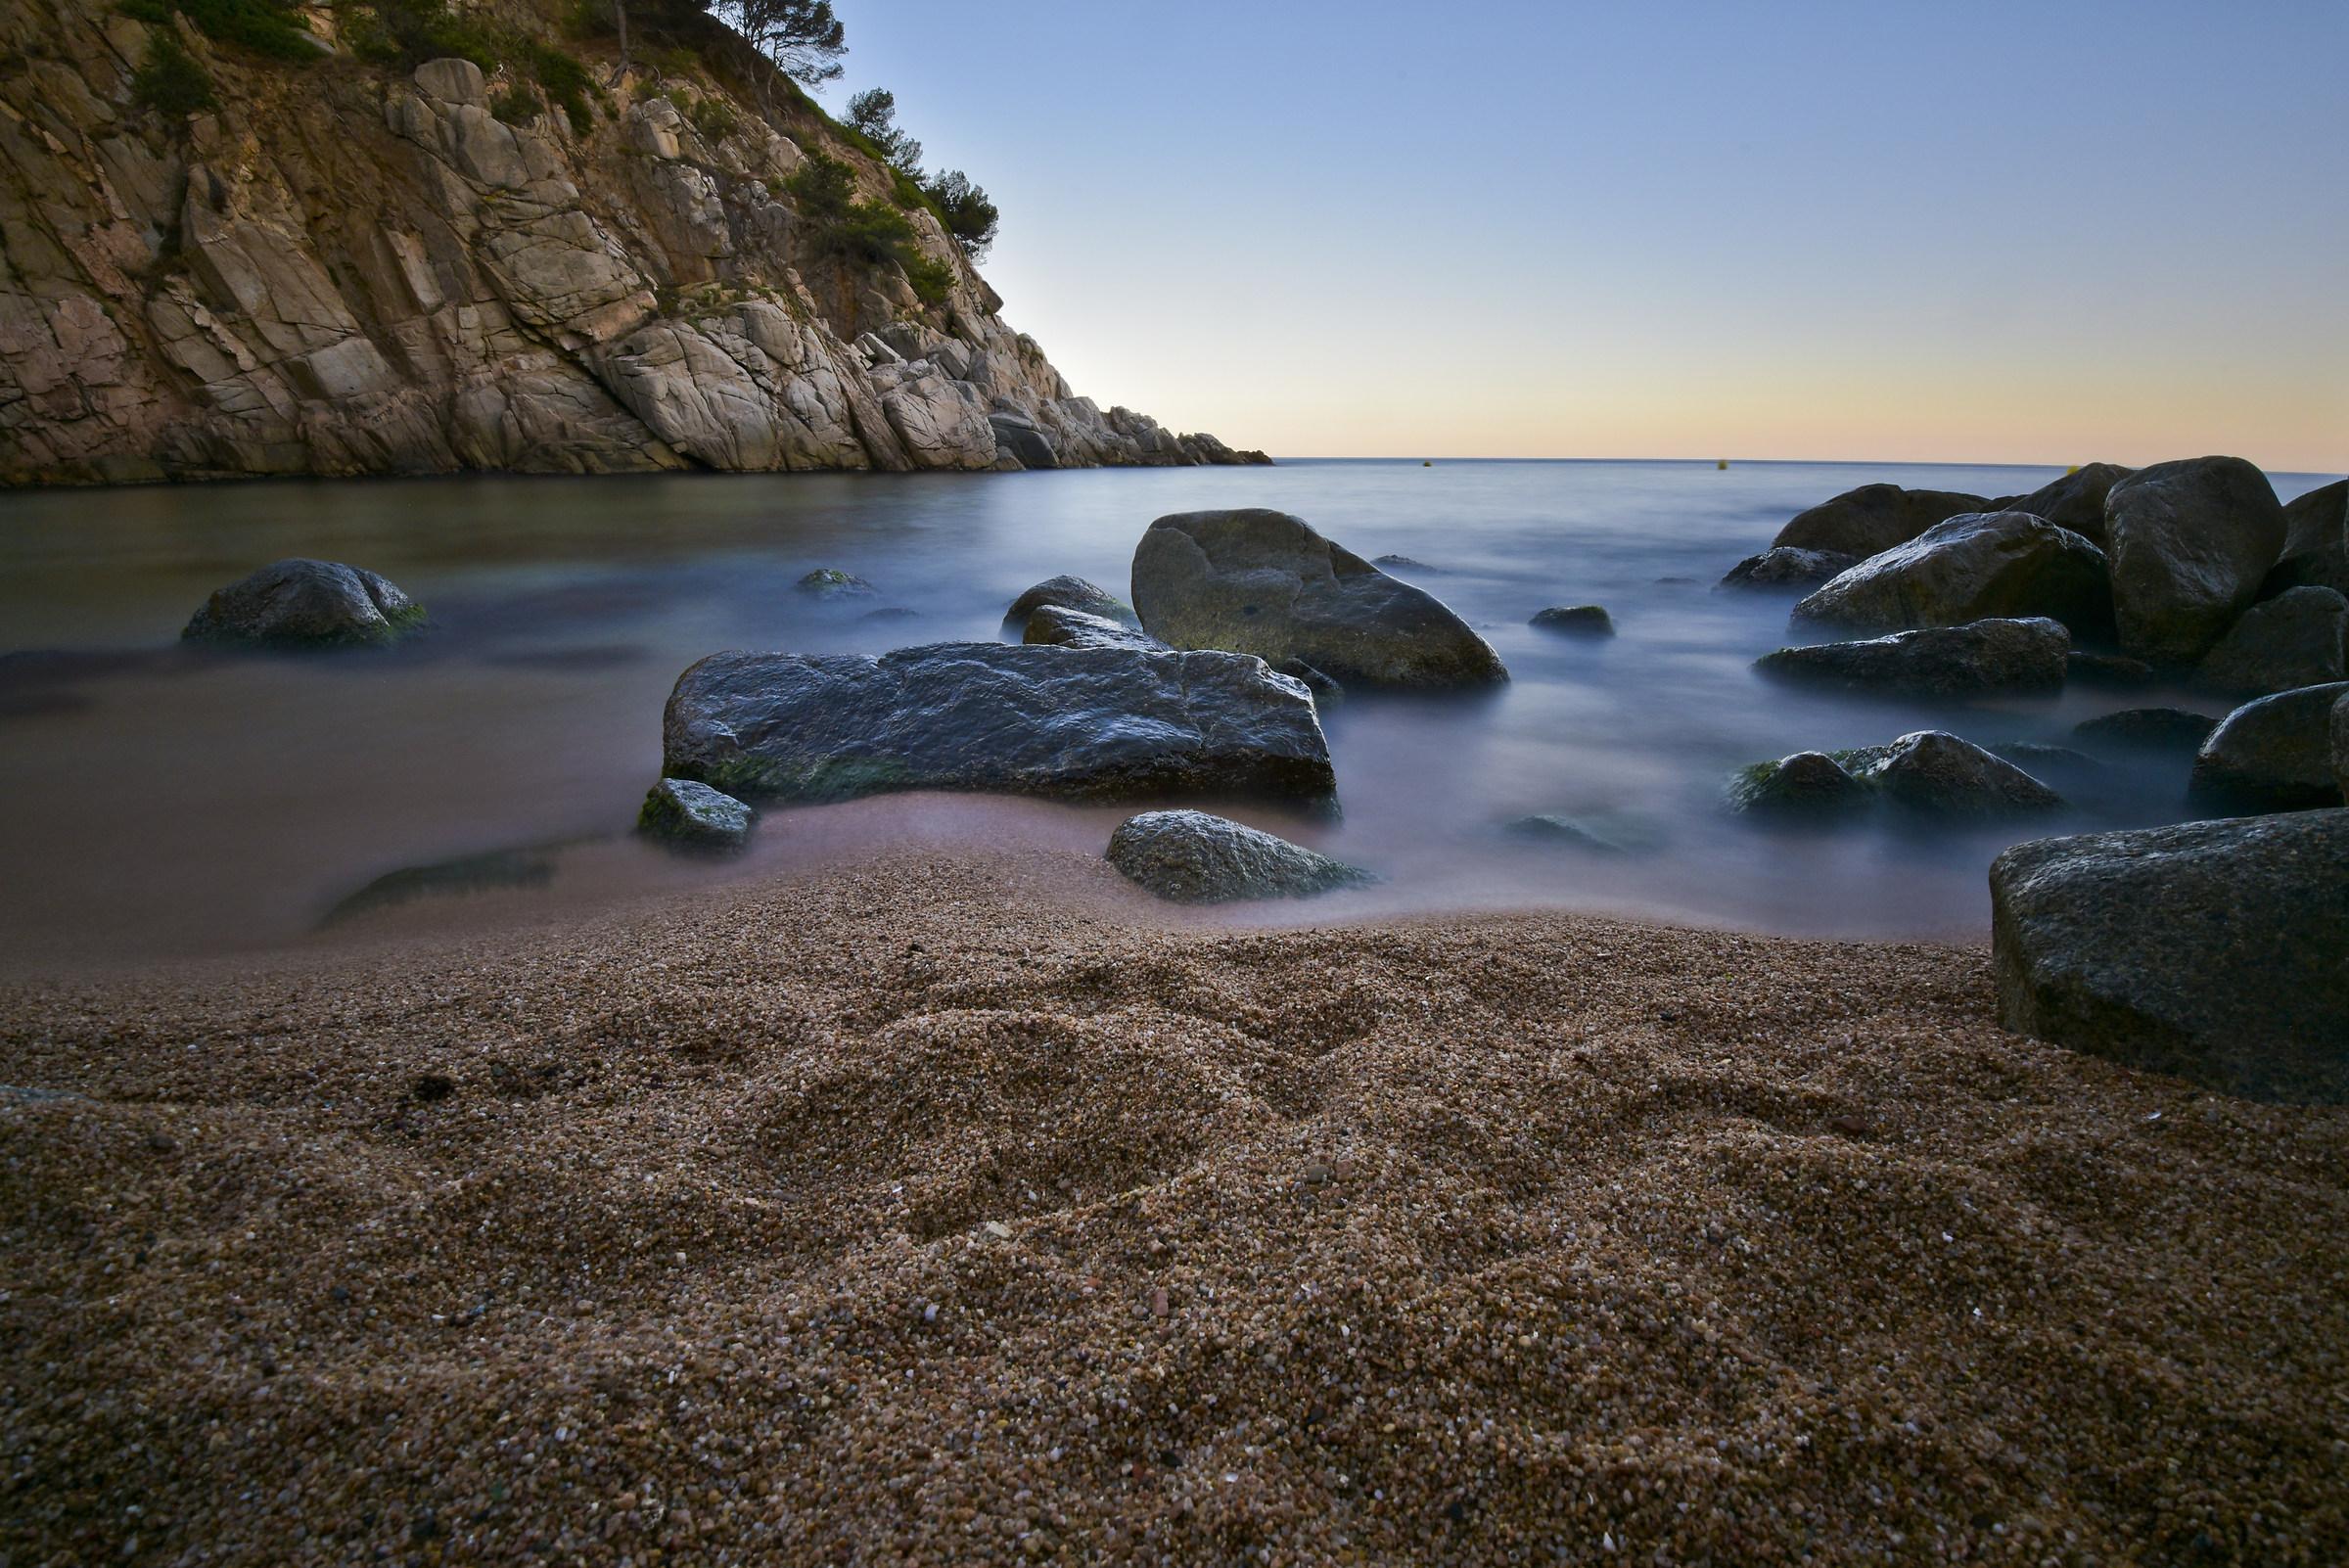 valencia - Costa Brava - Tossa de Mar...